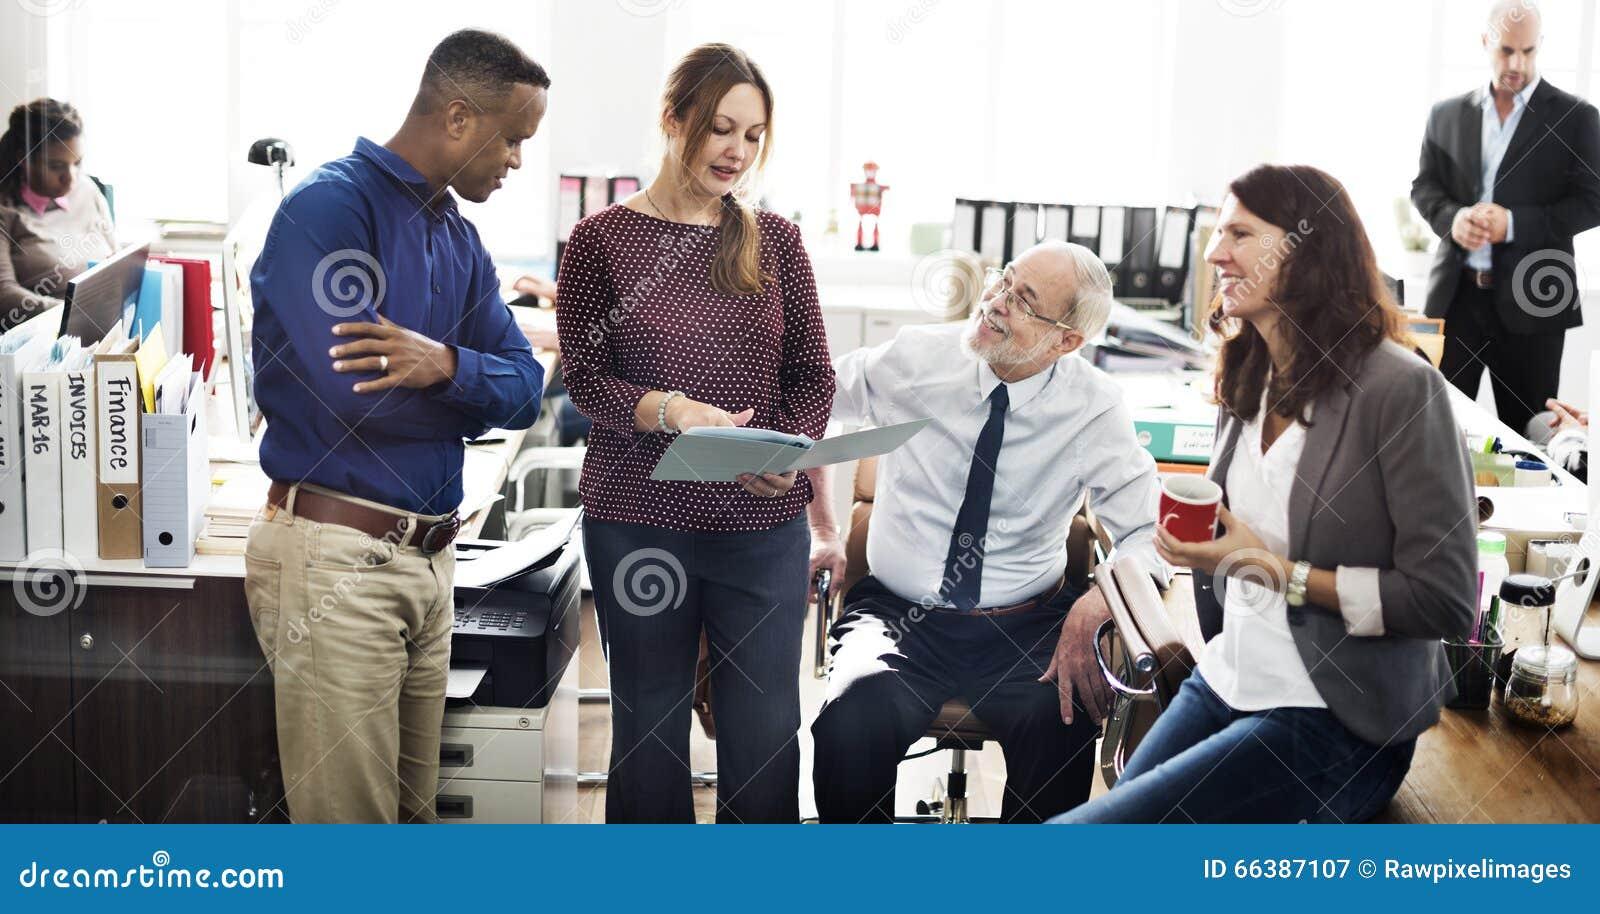 Negócio Team Working Office Worker Concept